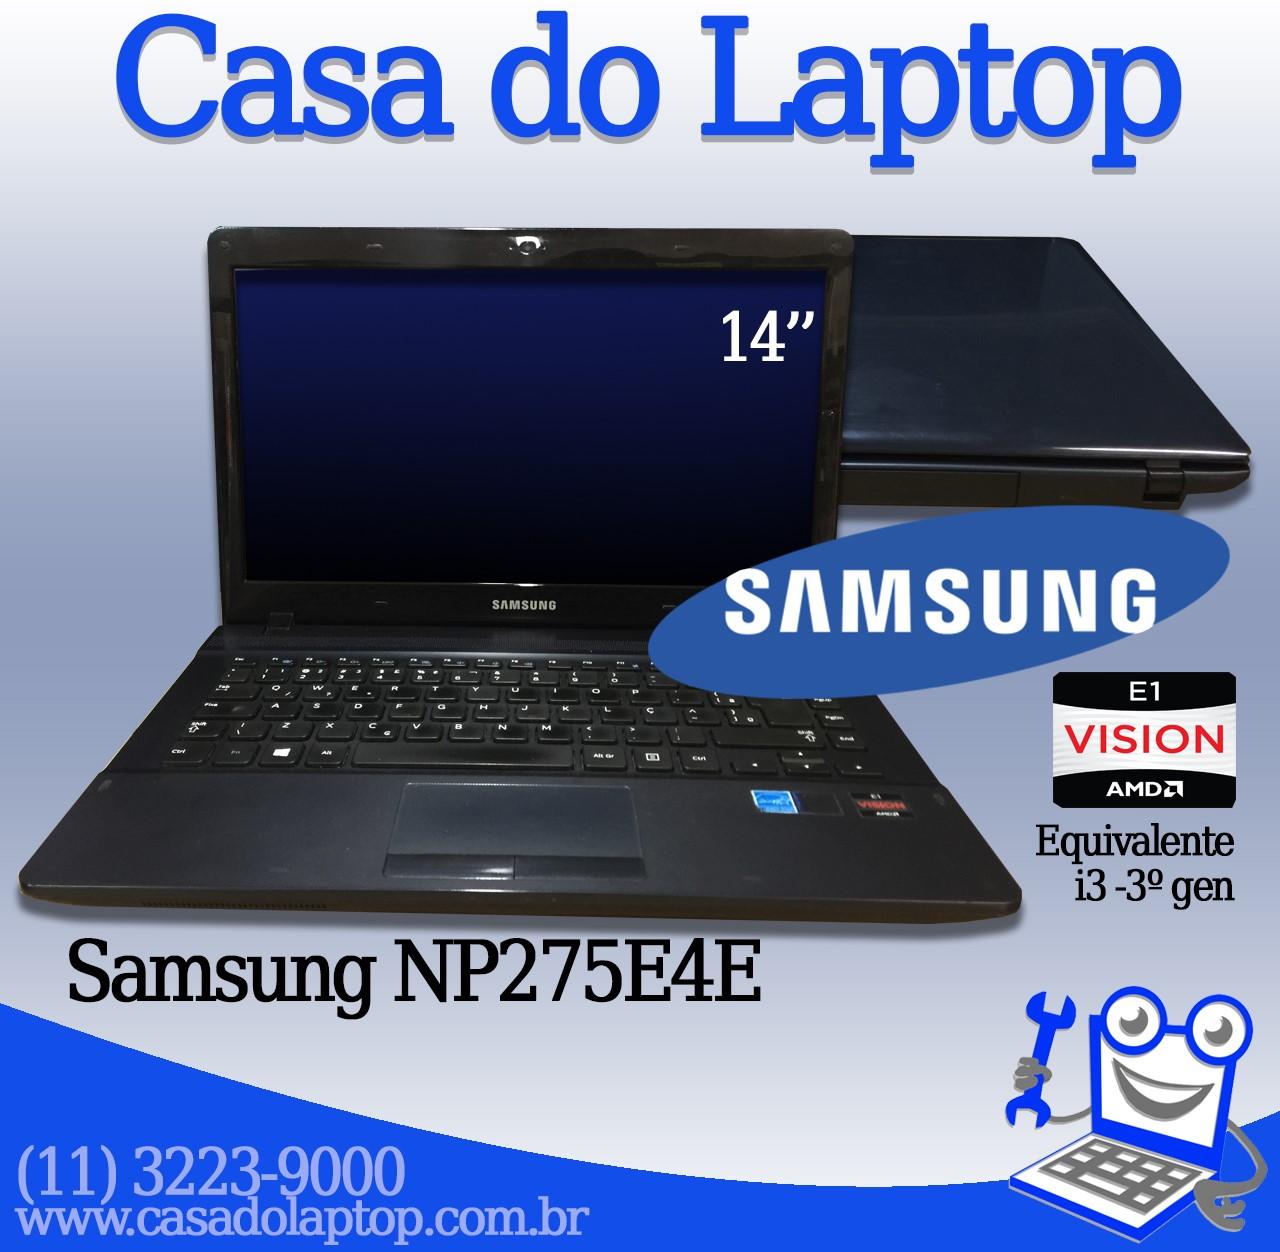 Laptop Samsung NP275E4E Processador AMD E1 4GB de memória RAM e 500GB de disco